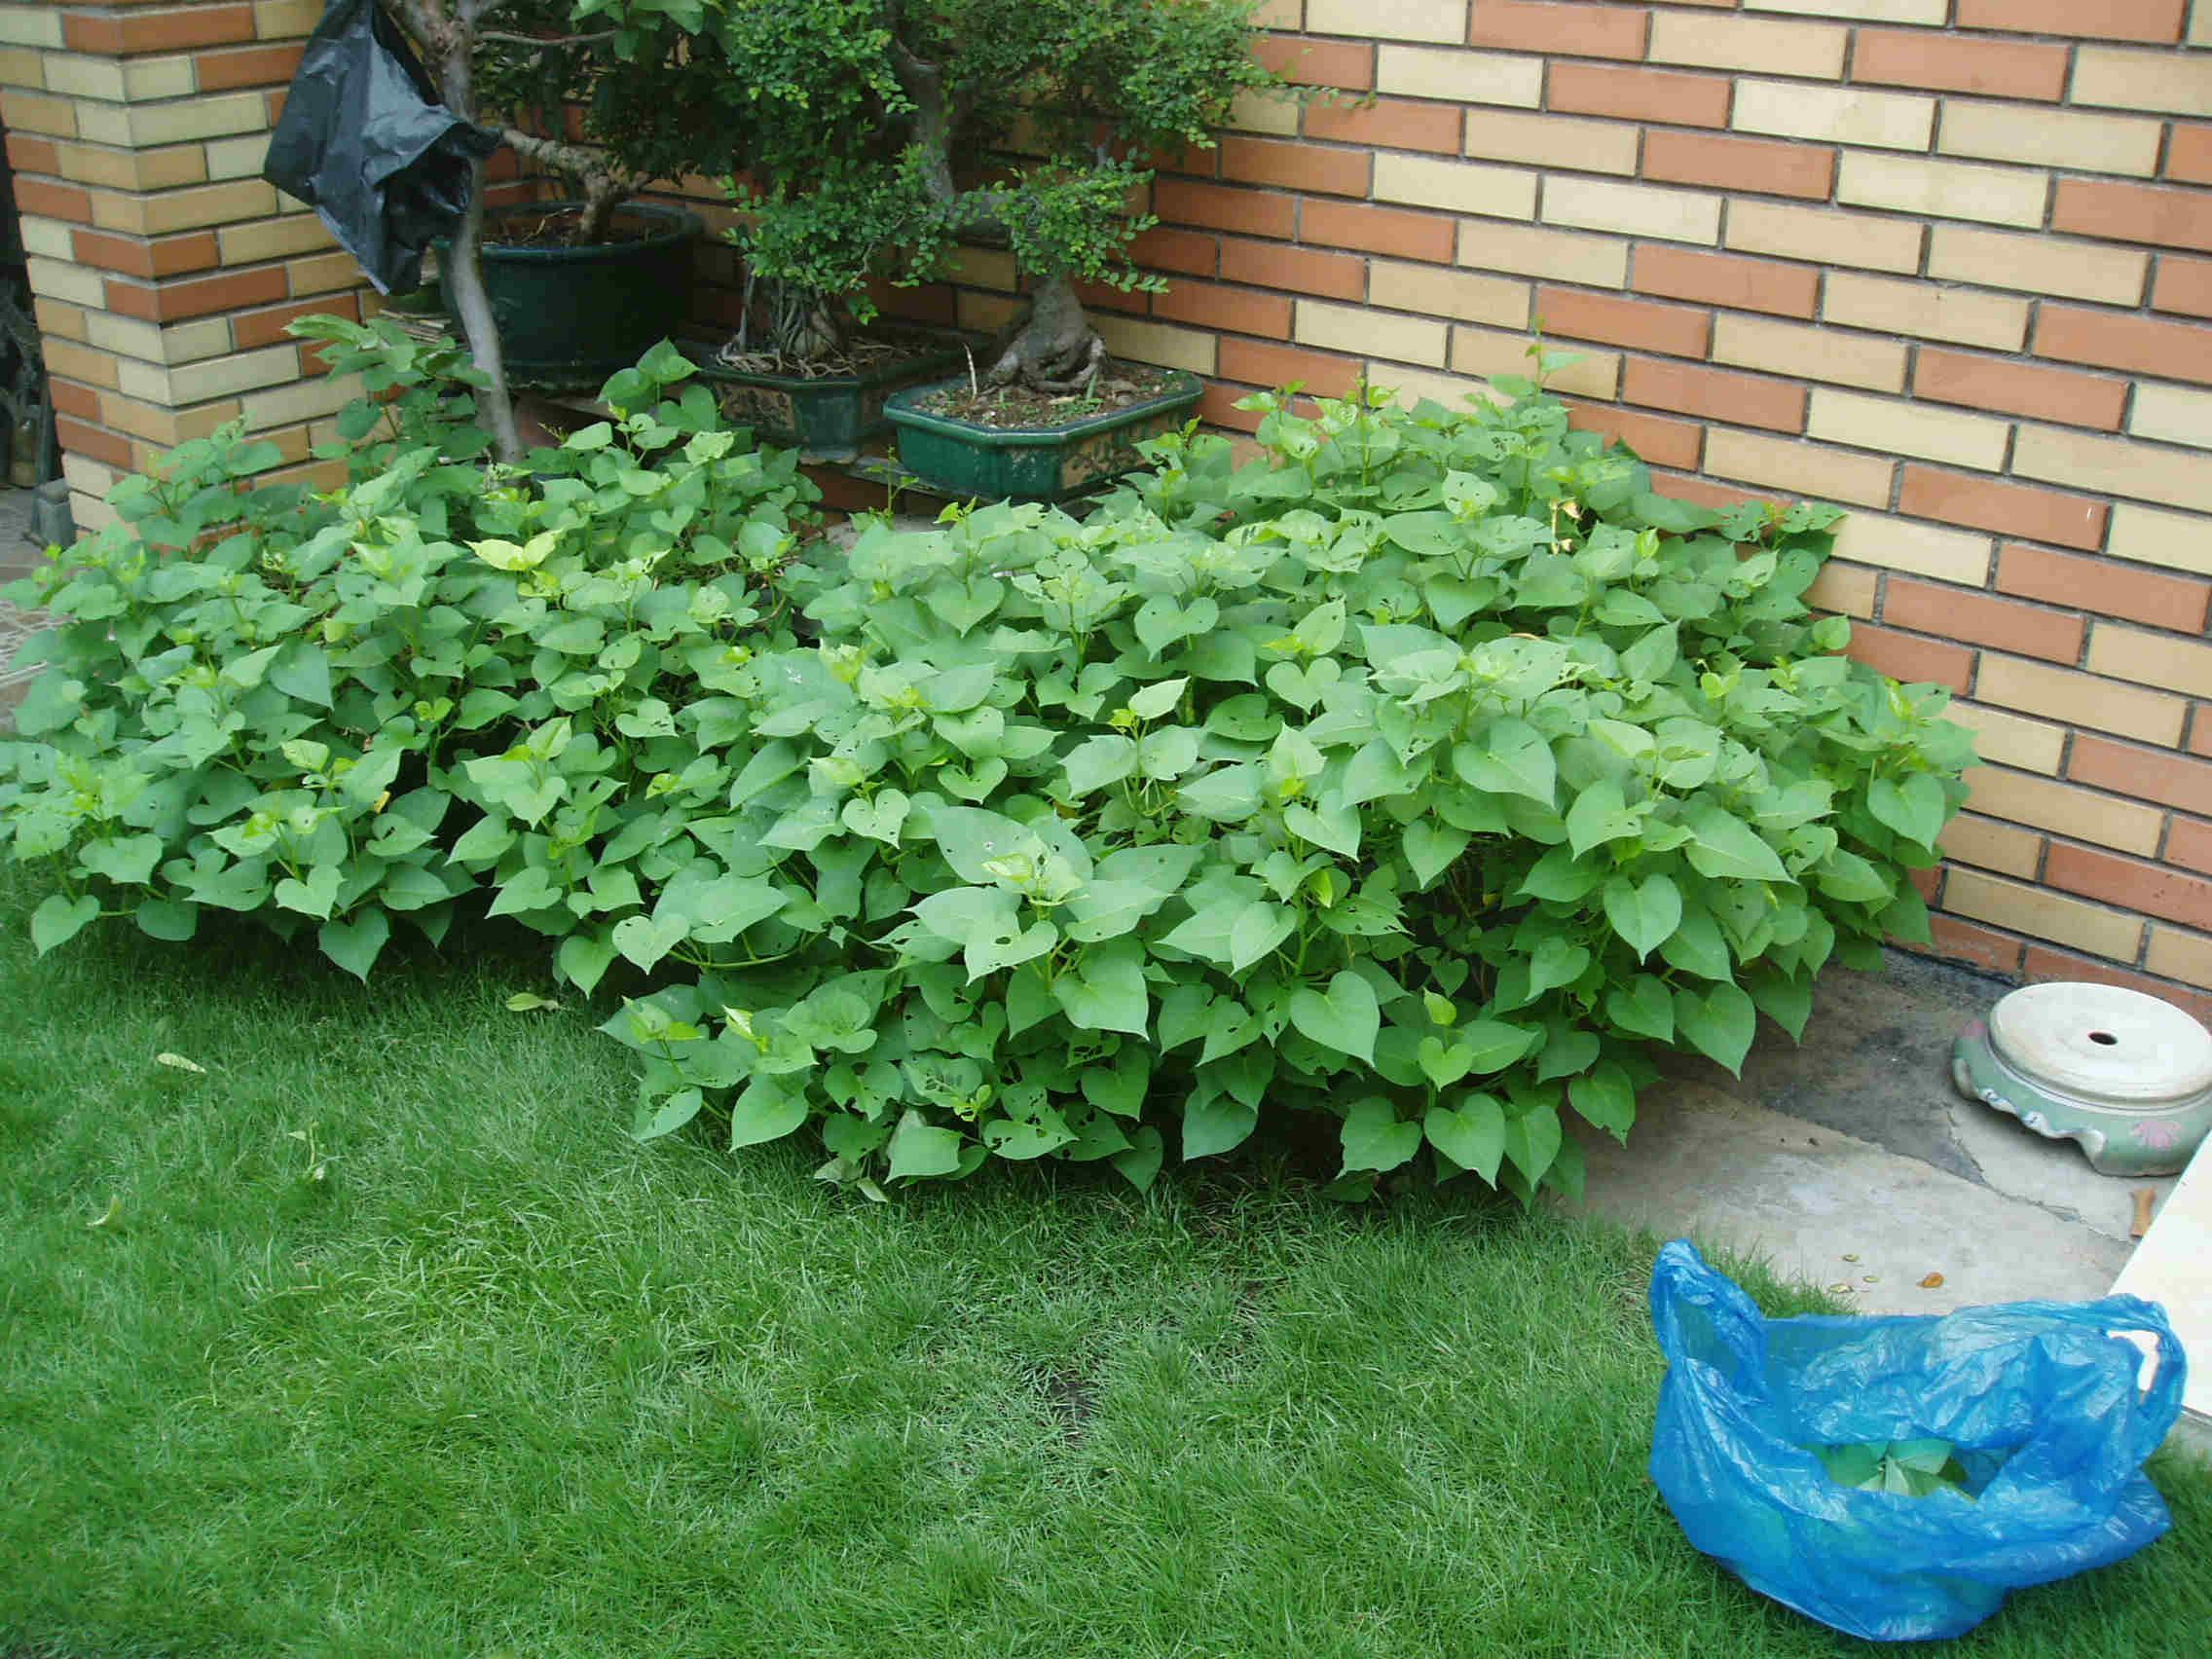 番薯苗也可以进口啦 . 楼顶菜园有收成啦 高清图片